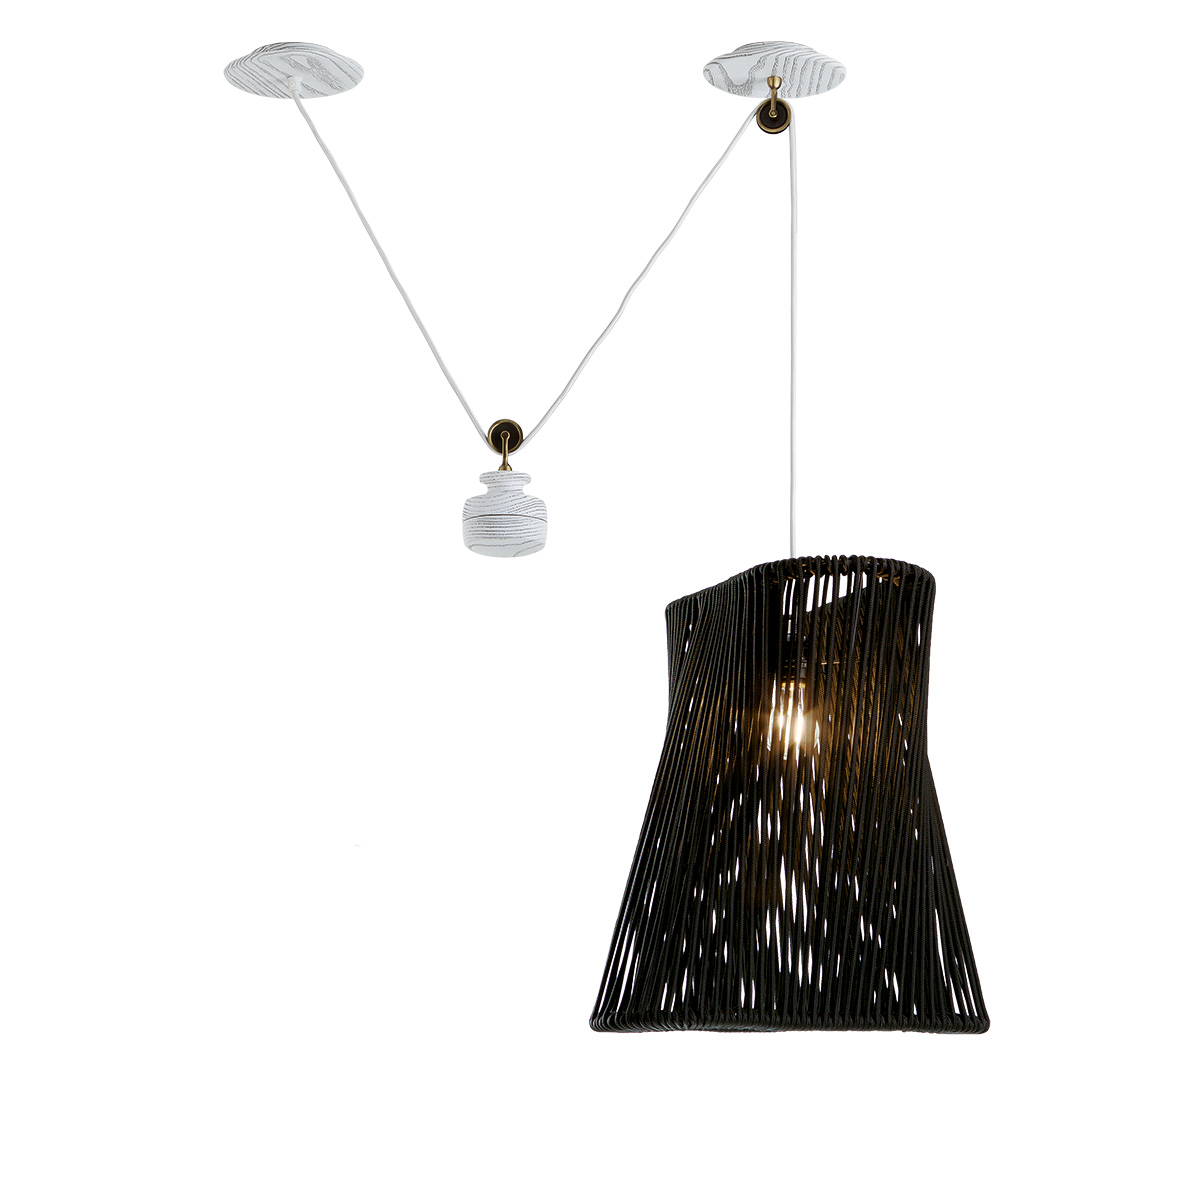 Κρεμαστό ξύλινο φωτιστικό TIMBER wooden pendant lamp